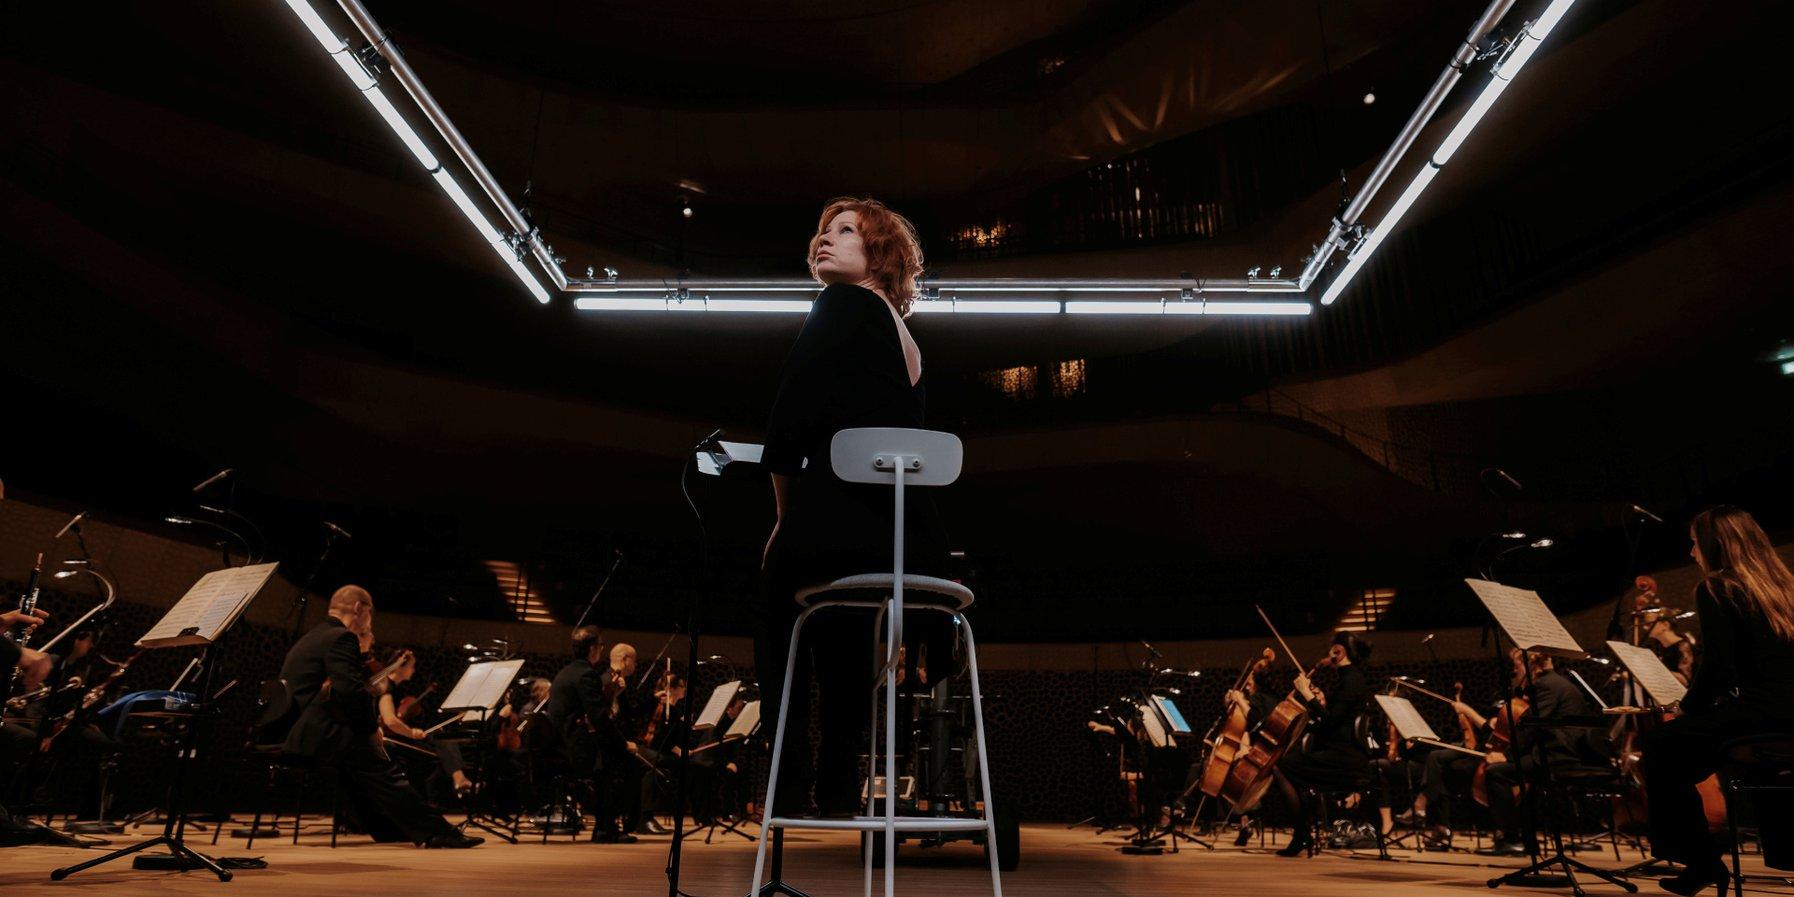 Birgit Minichmayr / Ensemble Resonanz